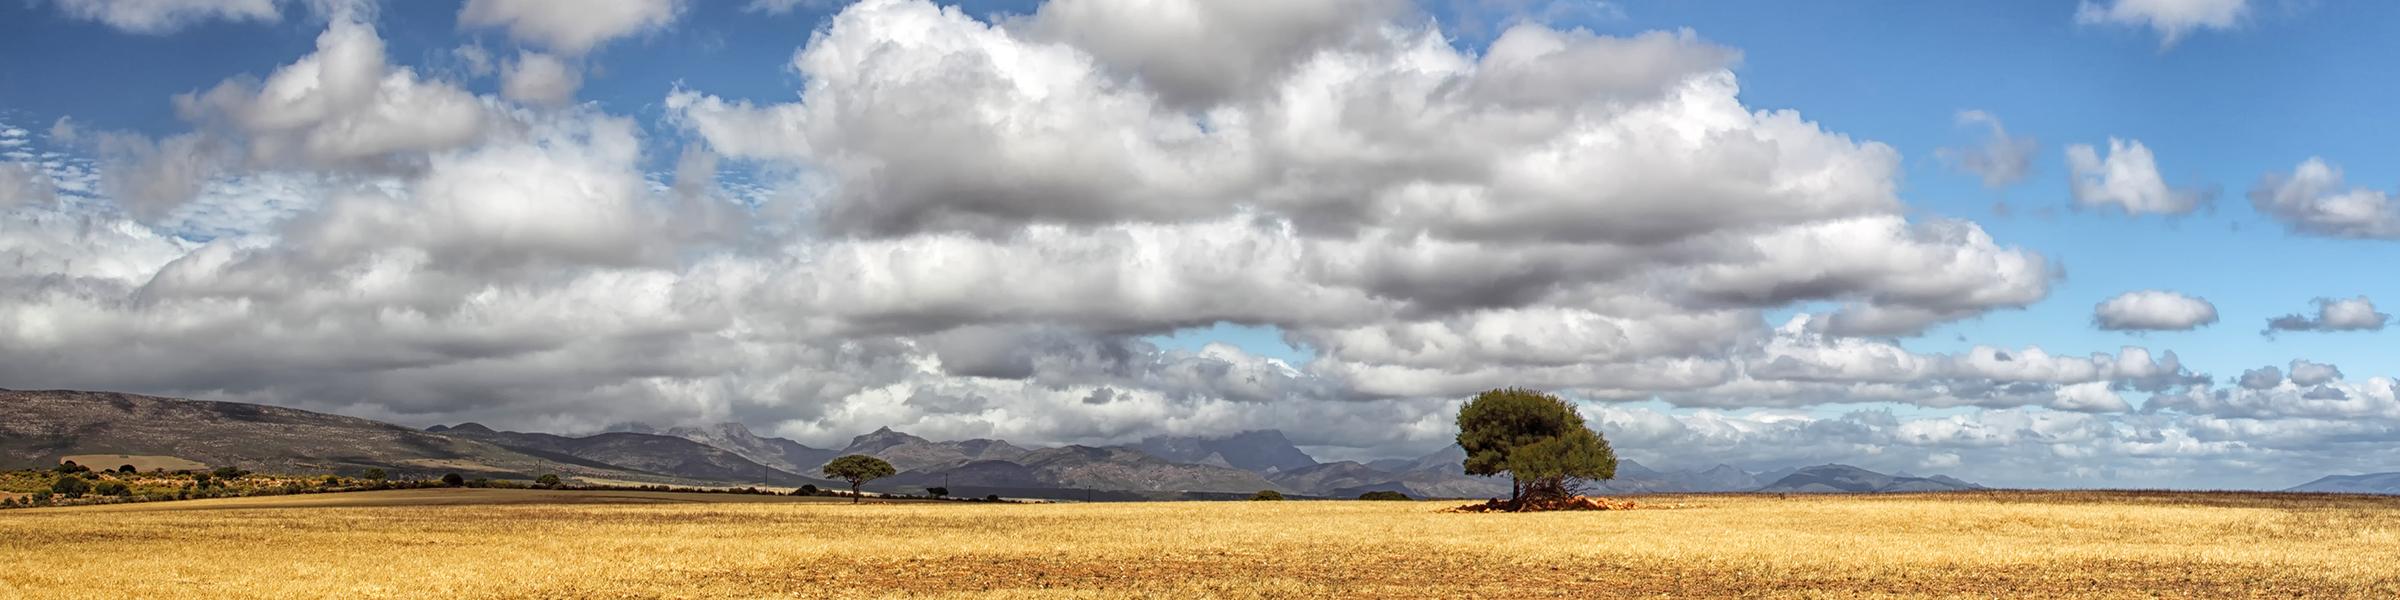 South Africa Karoo Semidesert